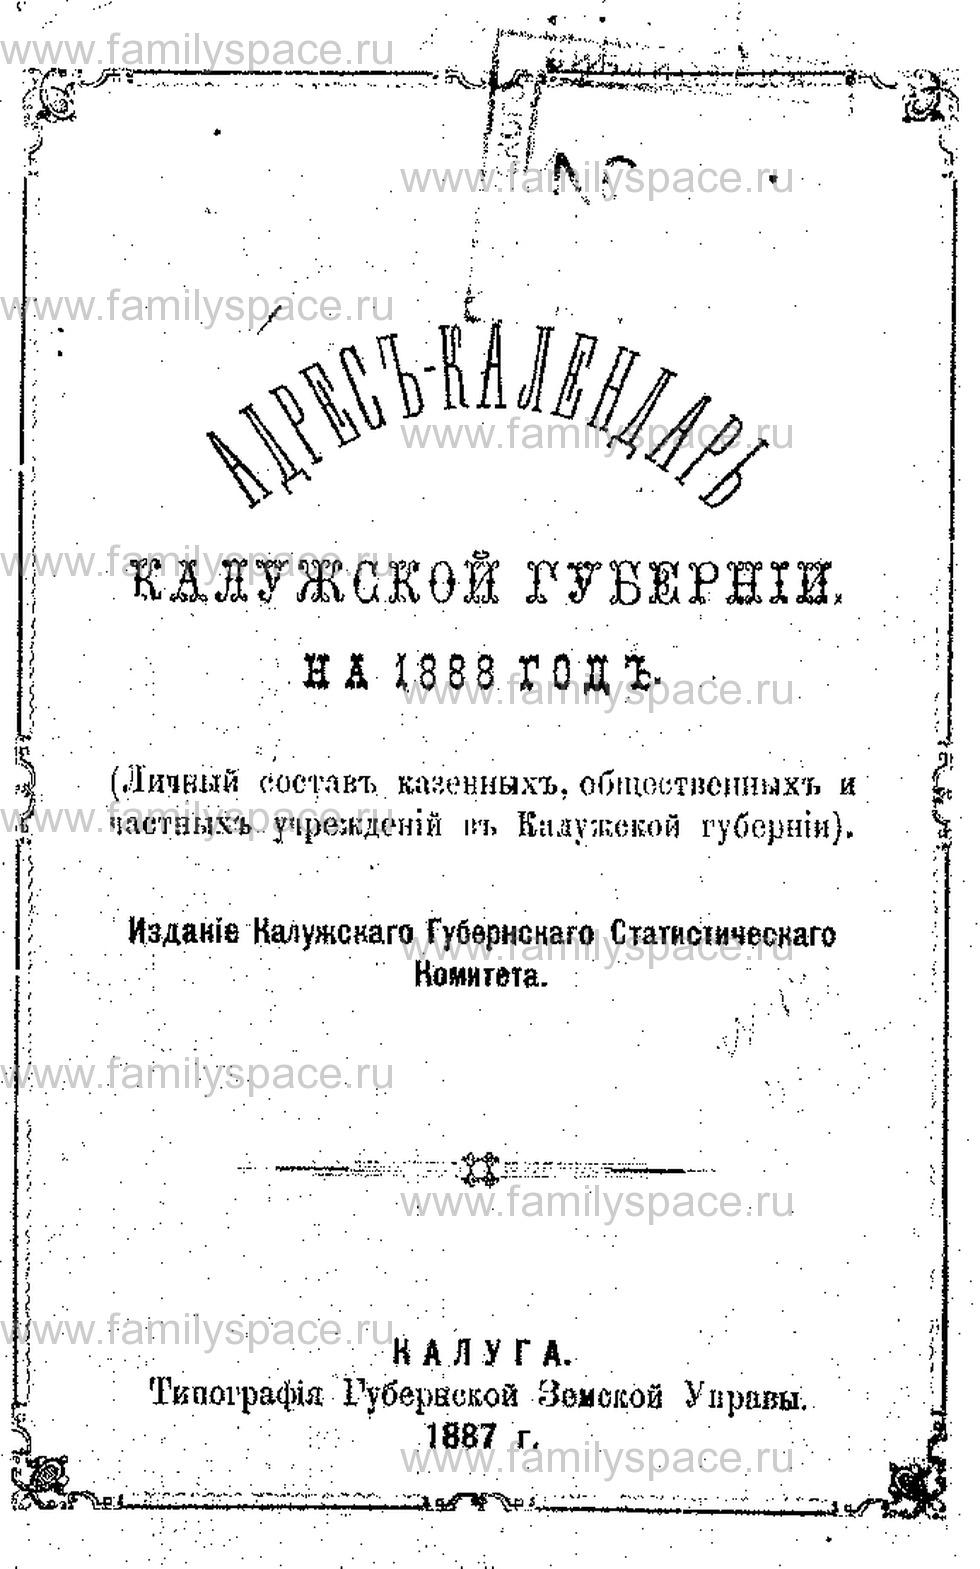 Поиск по фамилии - Адрес-календарь Калужской губернии на 1888 г, страница 1